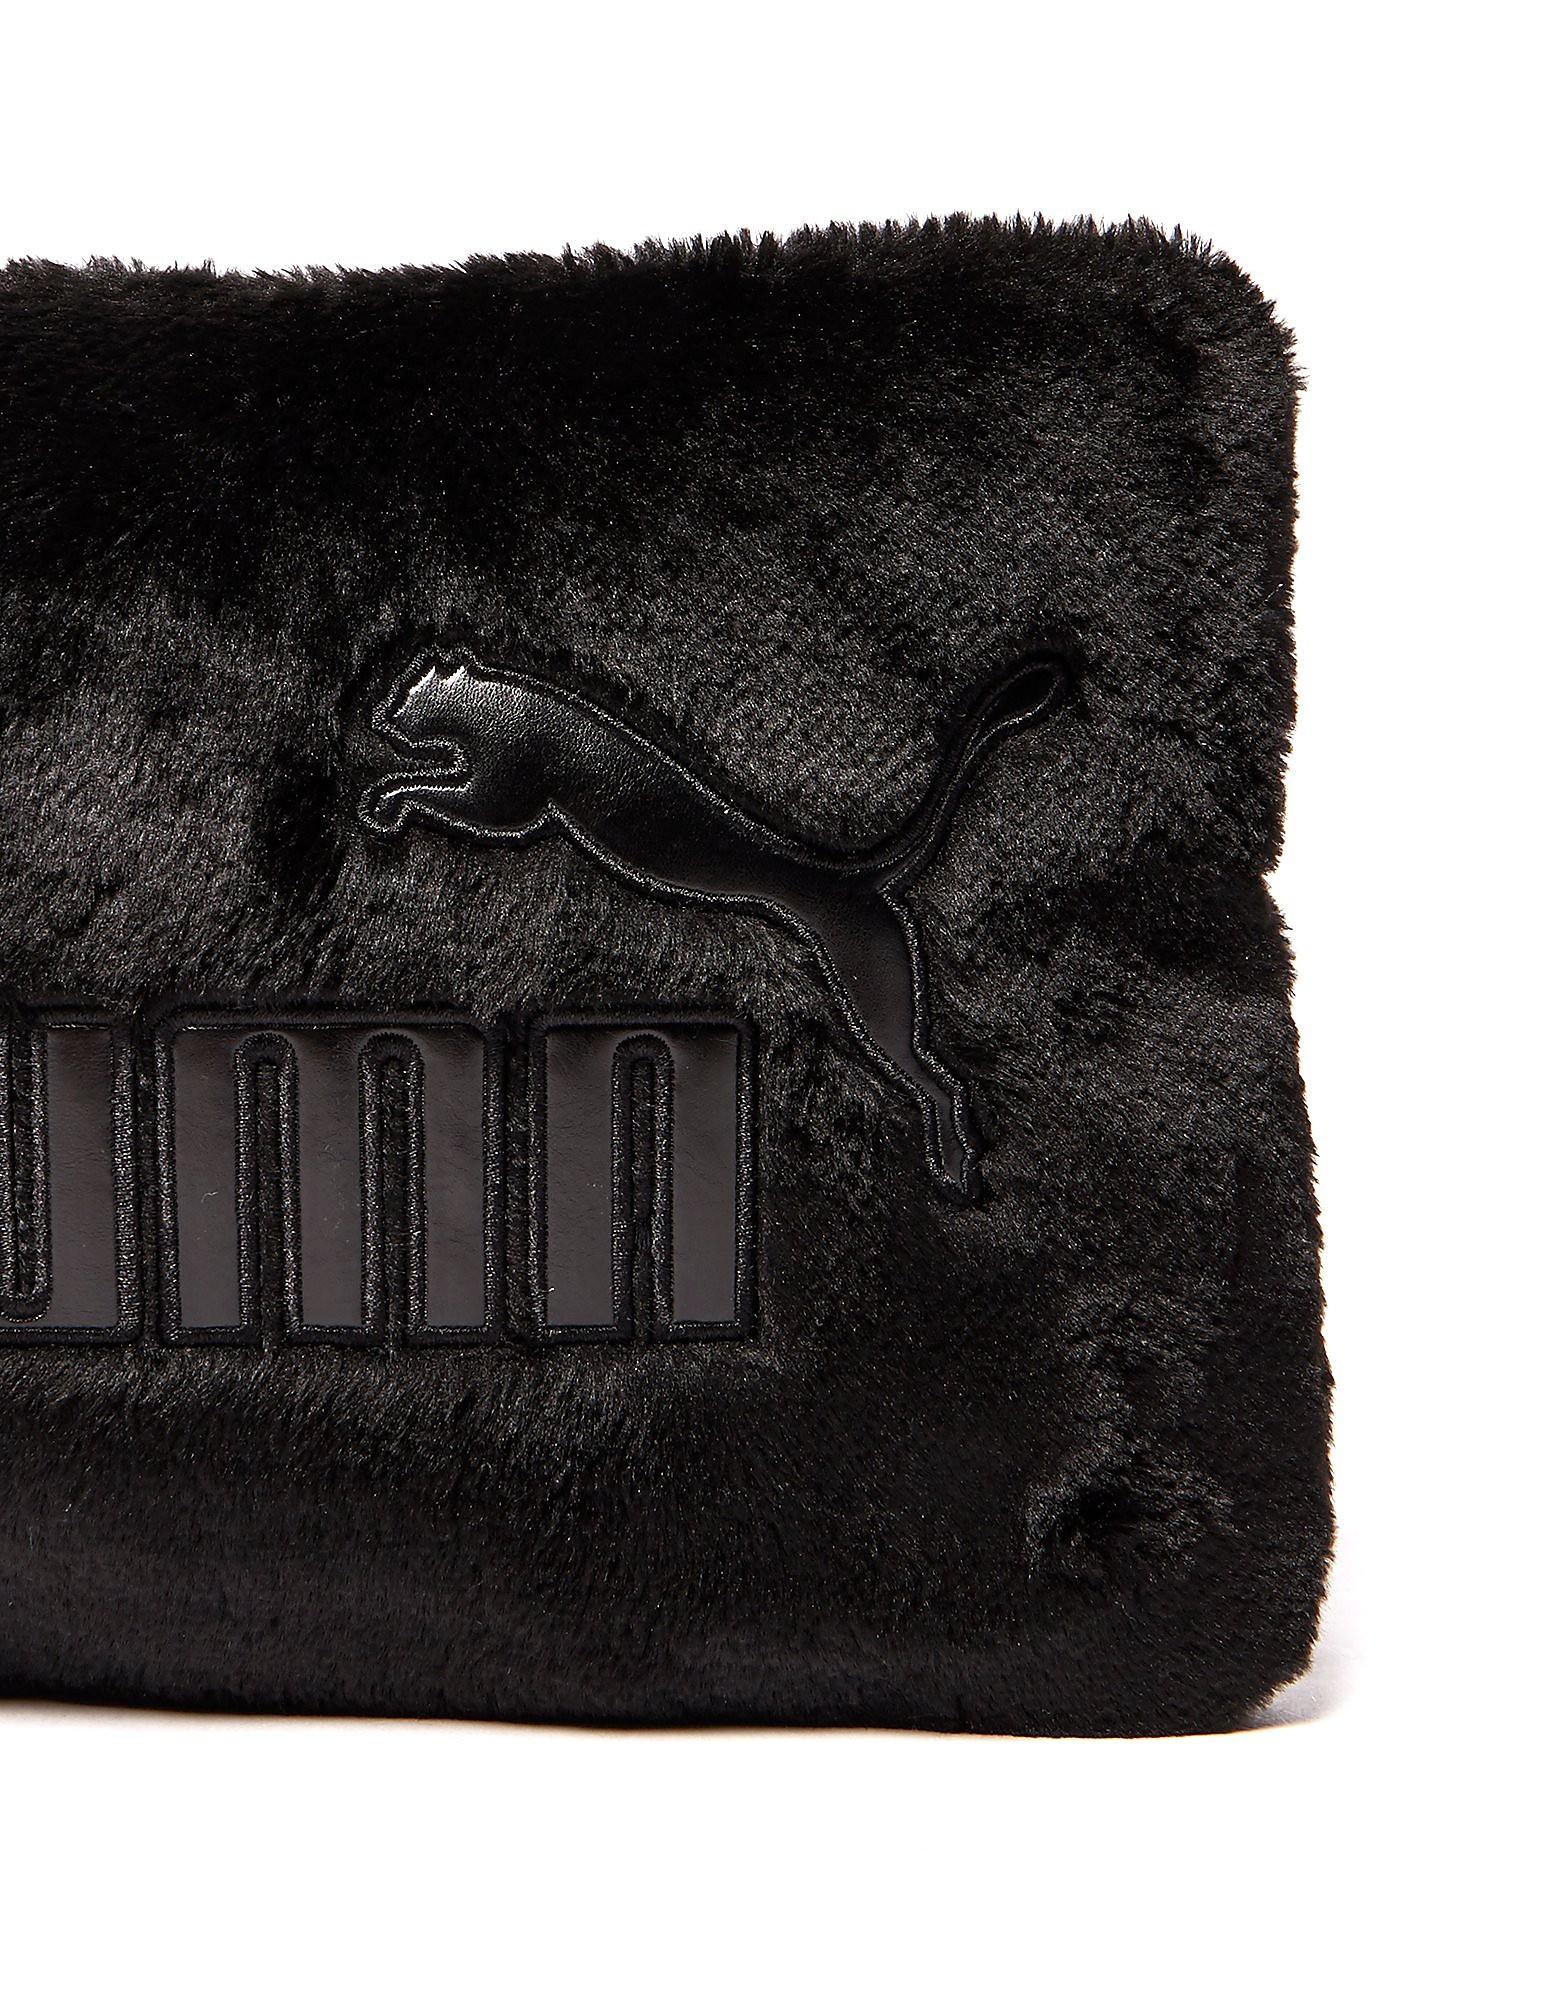 PUMA Faux Fur Clutch